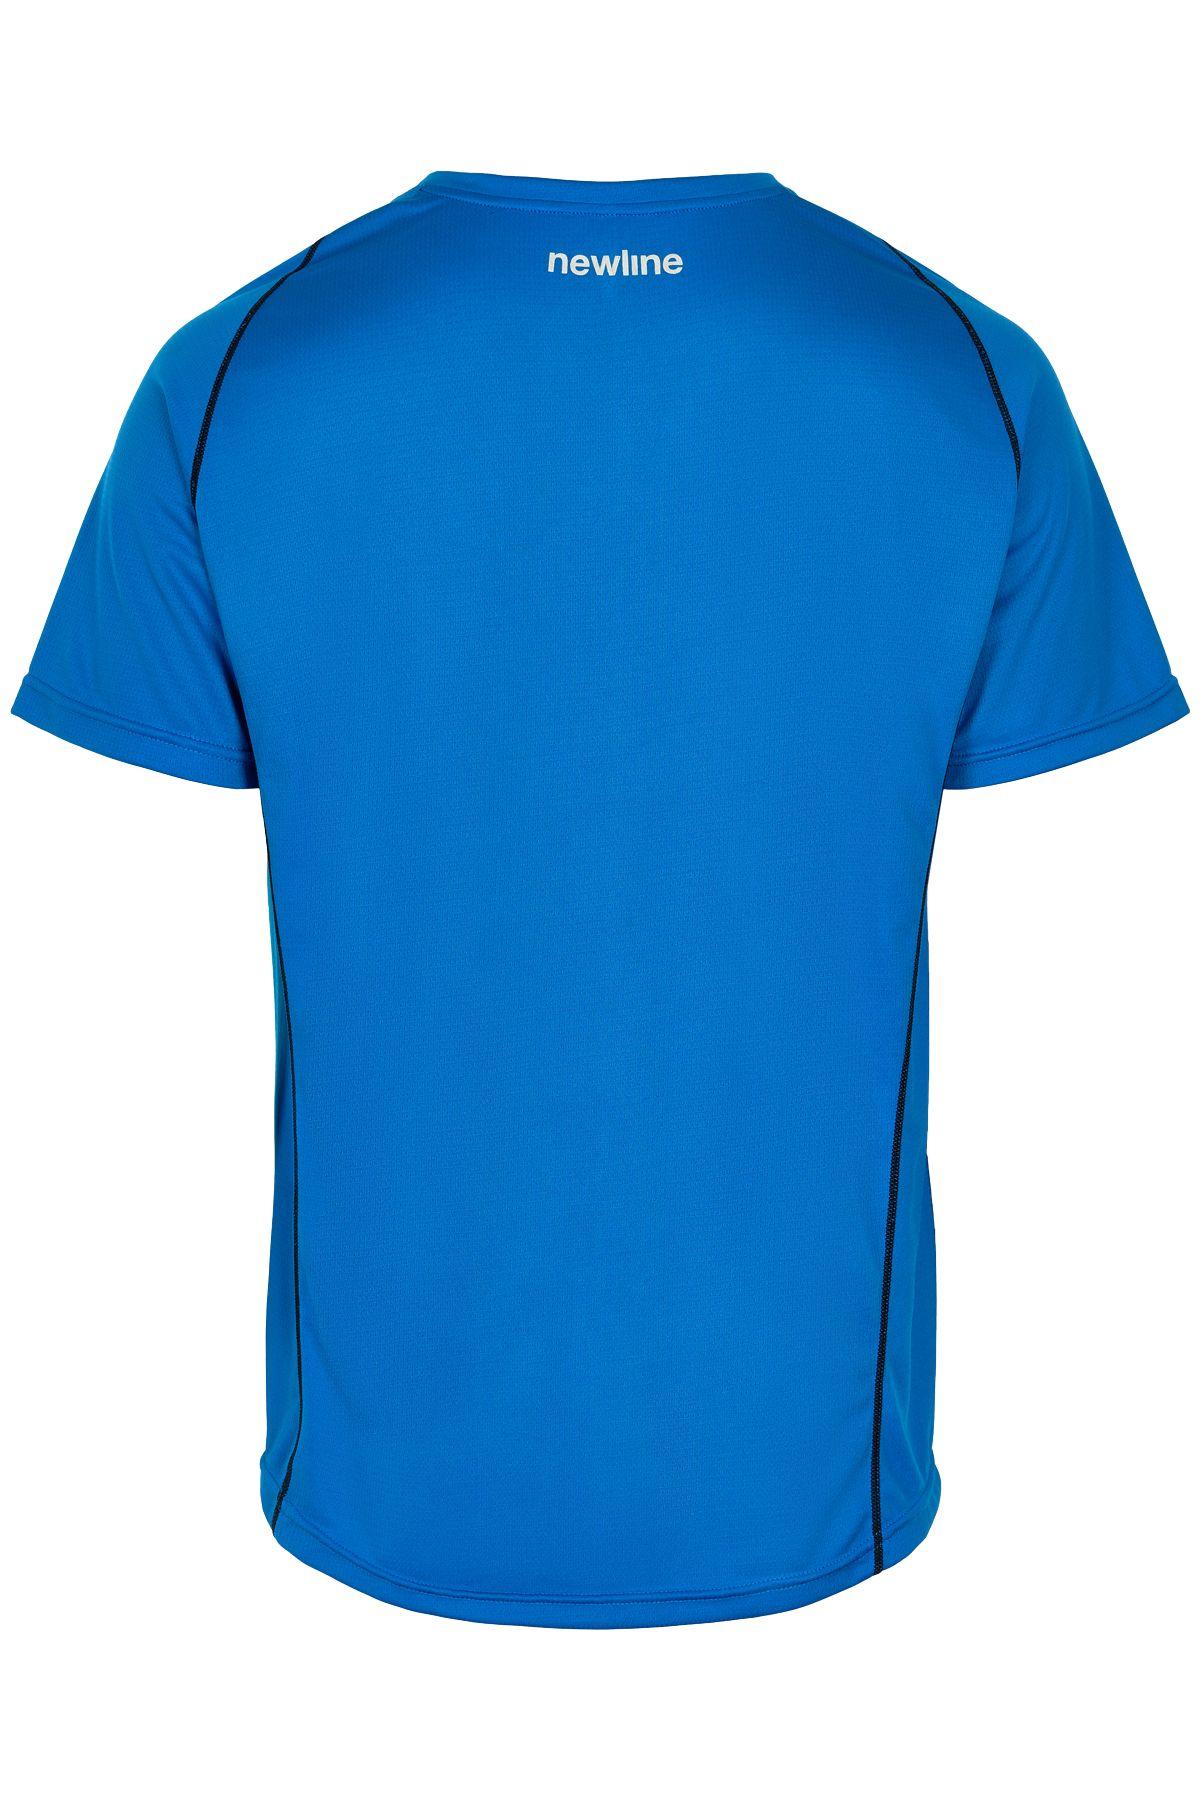 Newline Core Coolskin t-shirt, blue, small